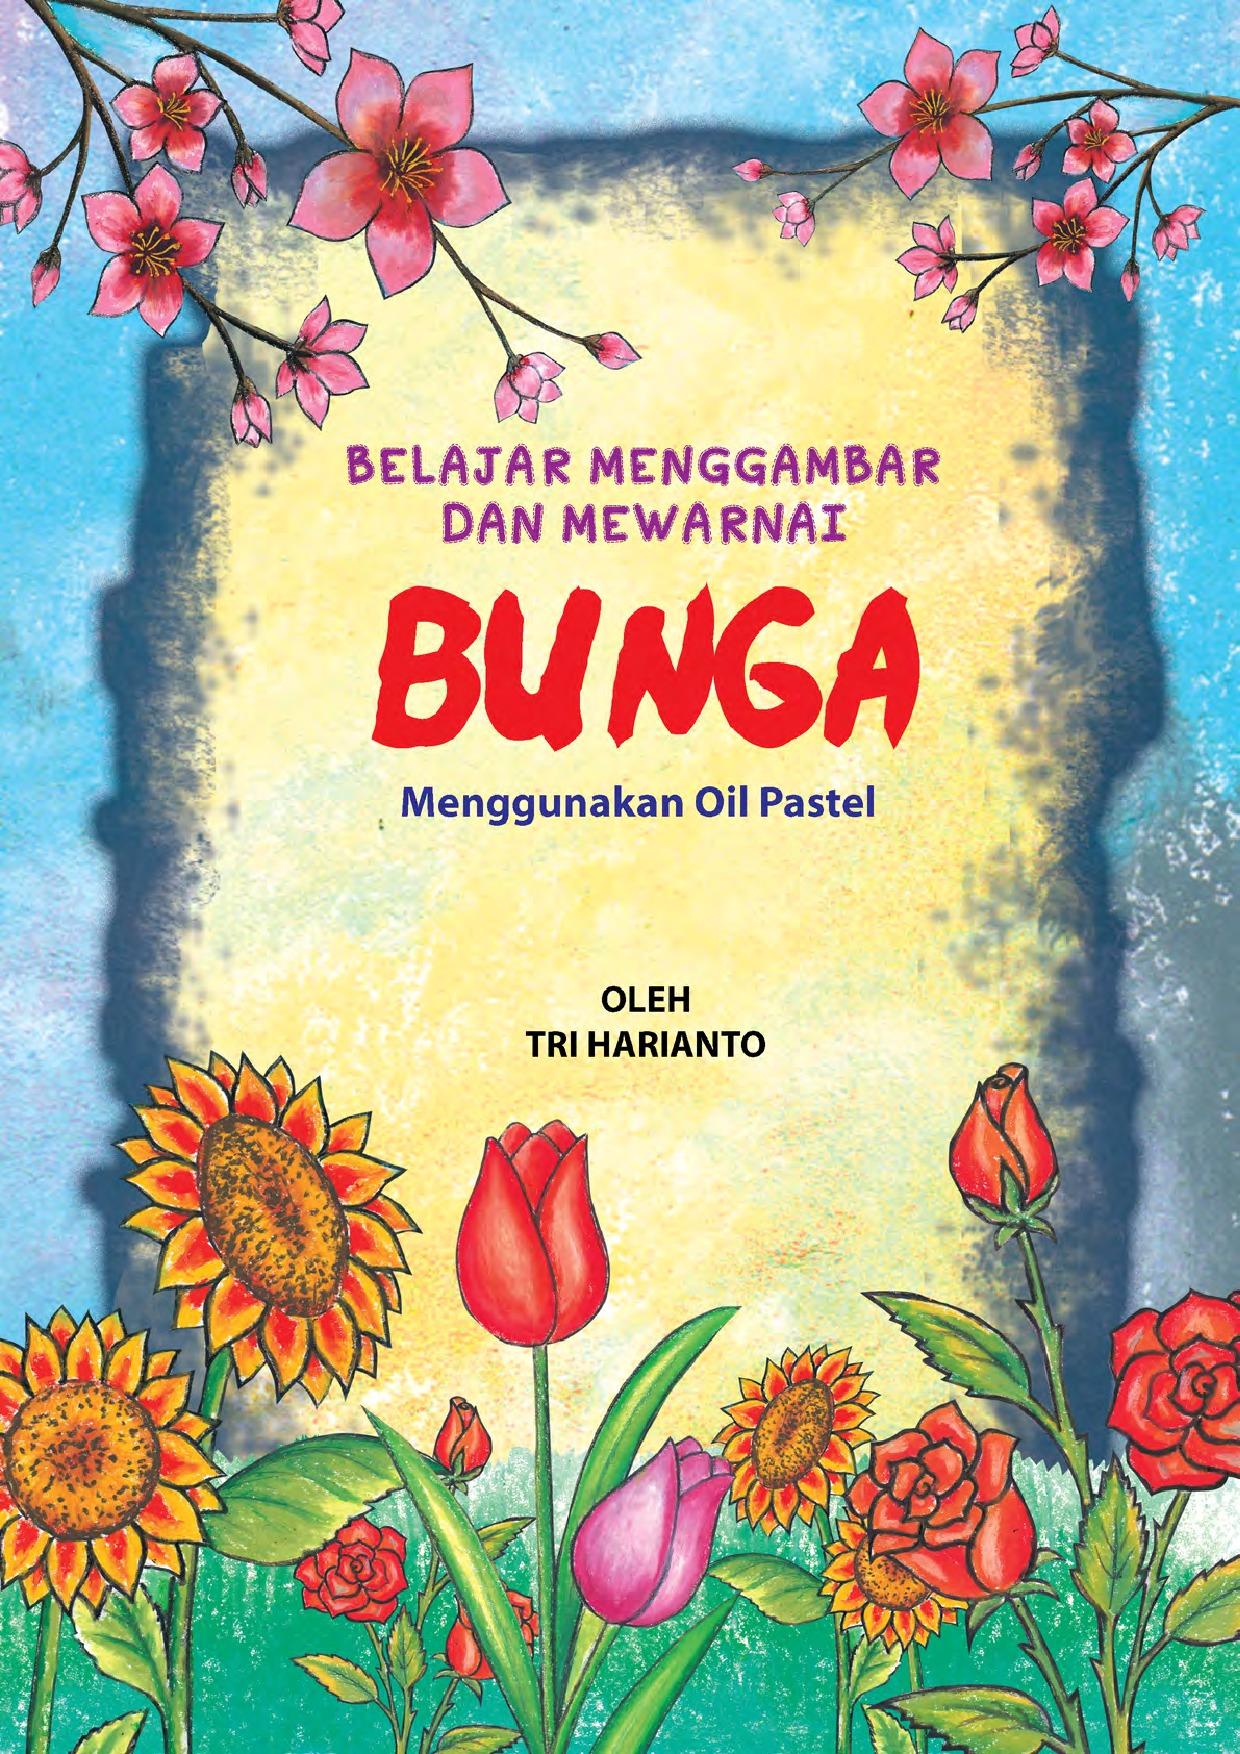 Jual Buku Belajar Menggambar Dan Mewarnai Bunga Dengan Oil Pastel